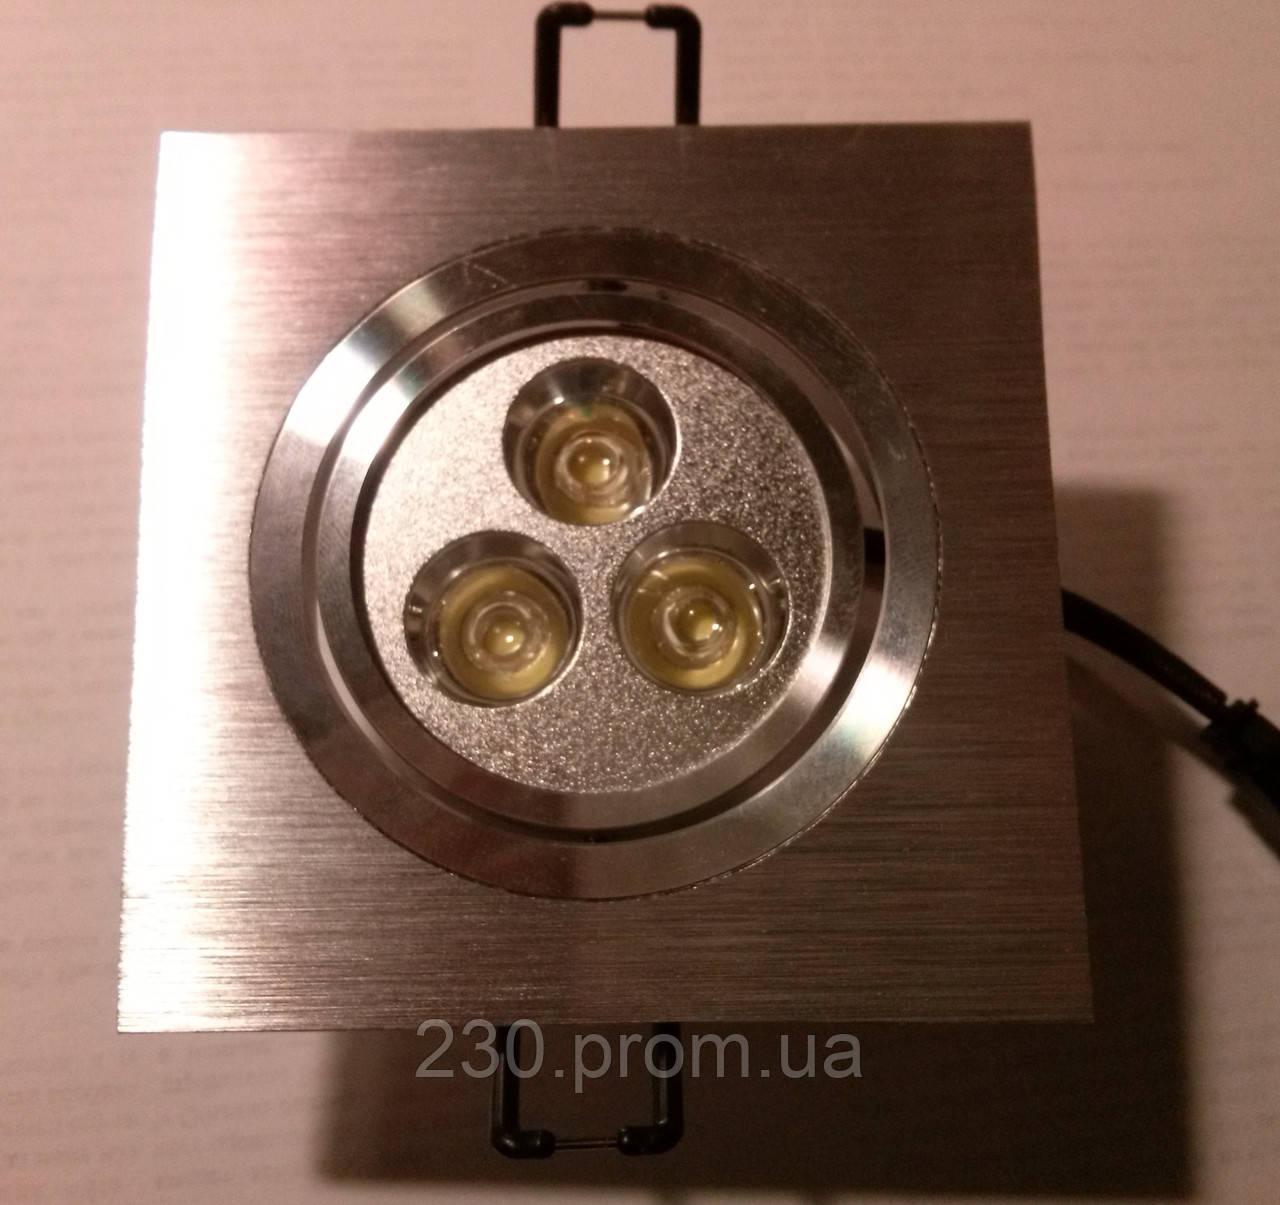 Точечный светильник CTC-LED 1609 3Вт SS сатиновое серебро